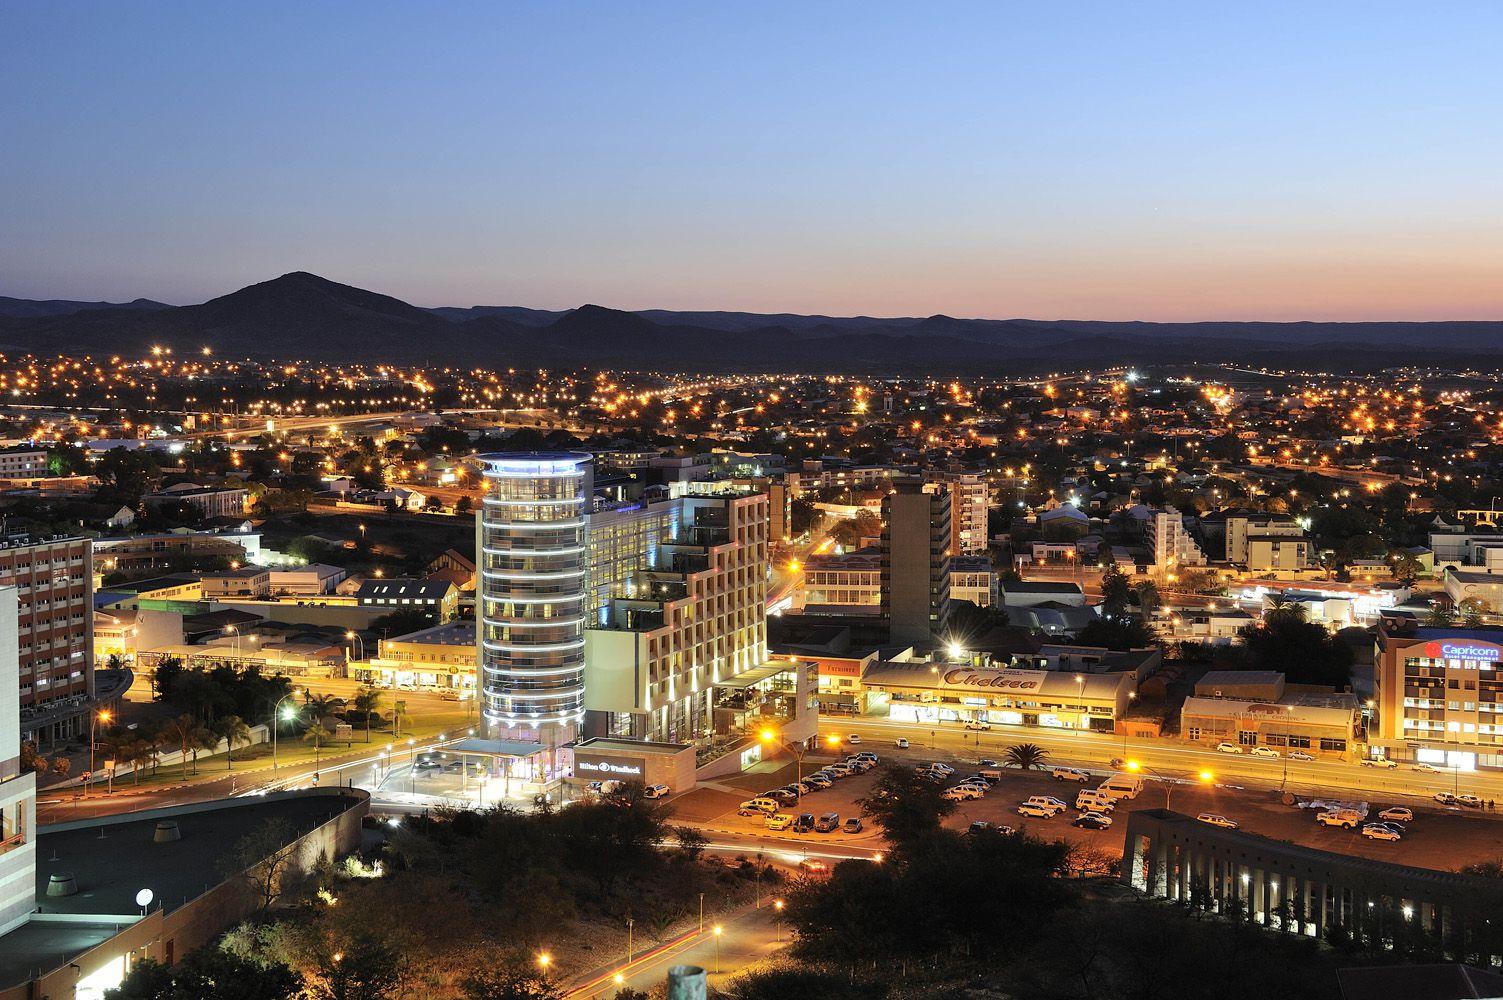 南アフリカ・ナミビアで絶対行くべき人気観光都市まとめ☆ナミブ砂漠以外にも見どころ満載!